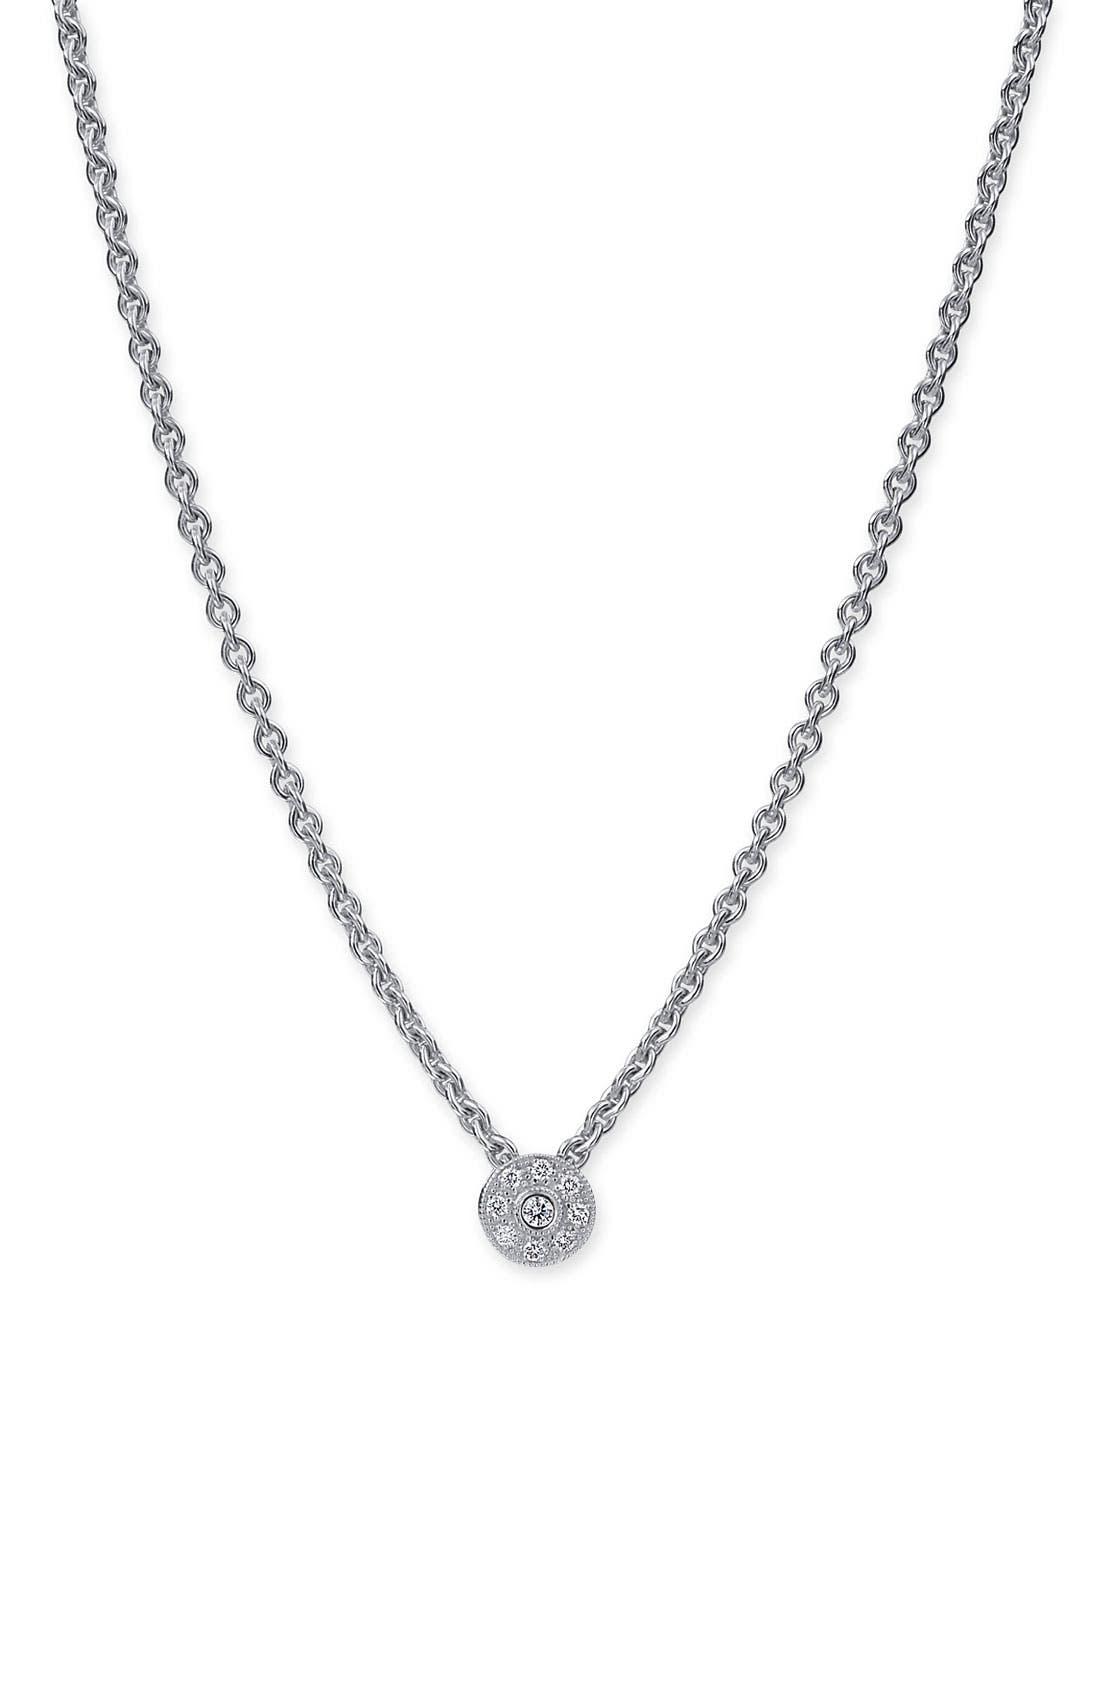 Main Image - ALOR® Diamond Necklace